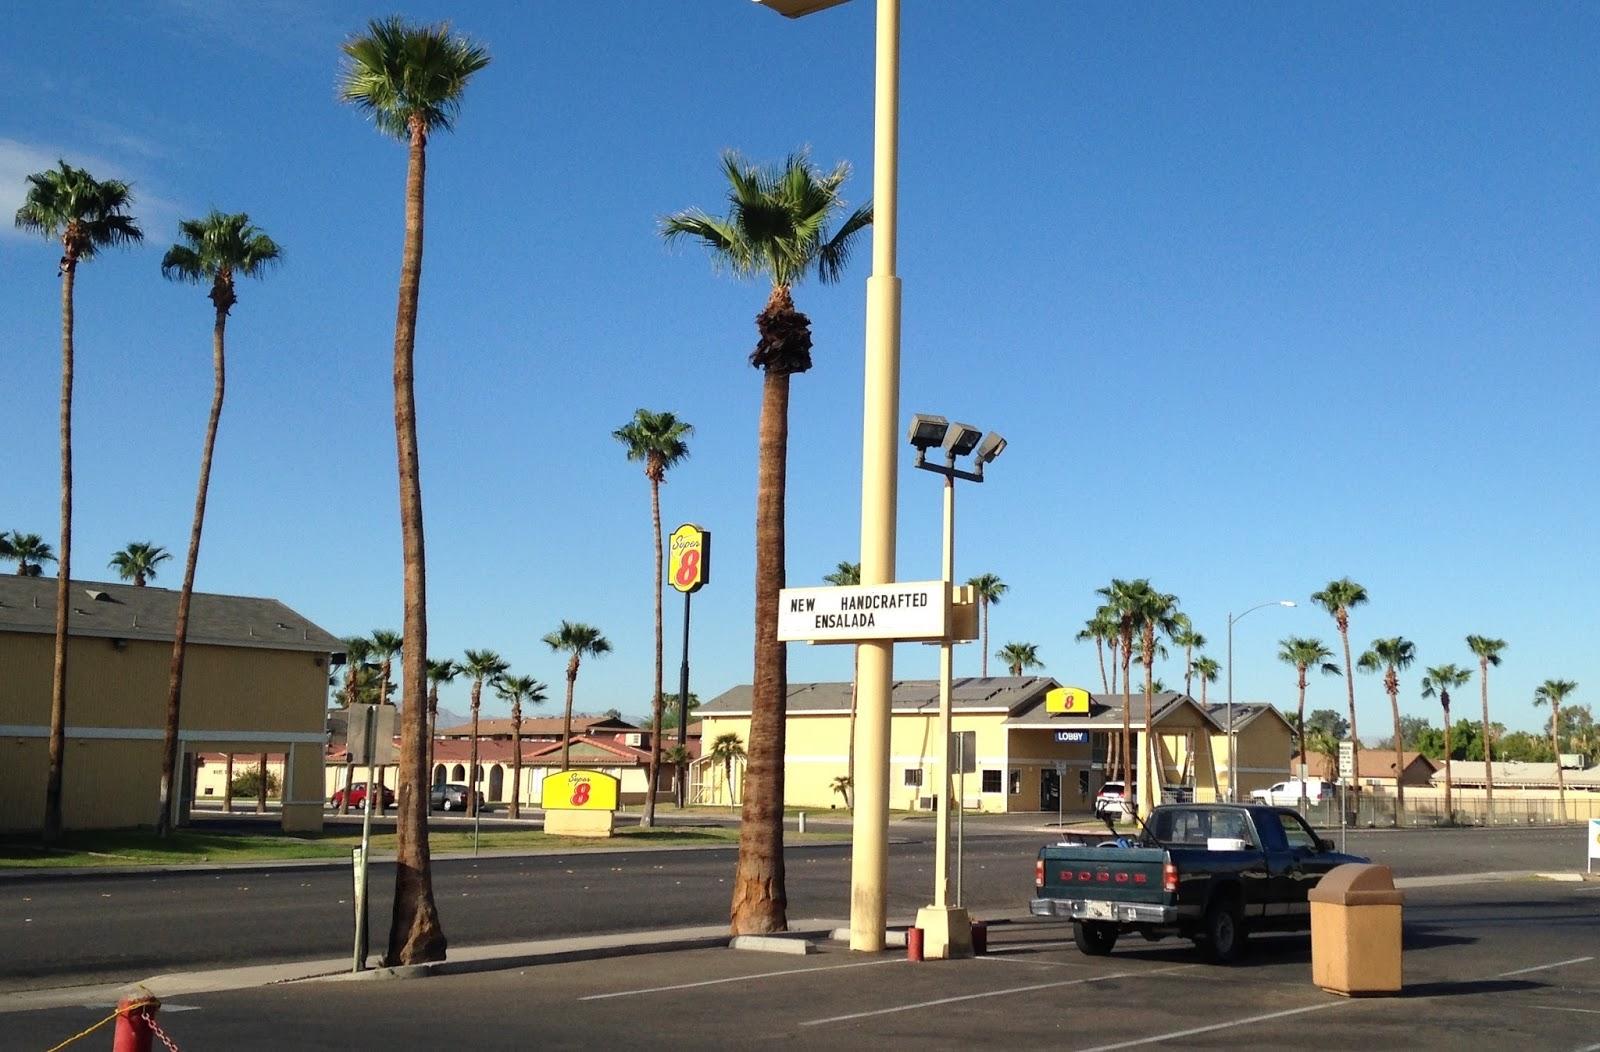 Большинство людей в Эль-Сентро работают в пограничной службе. Фото: dixonheadingwest.blogspot.com